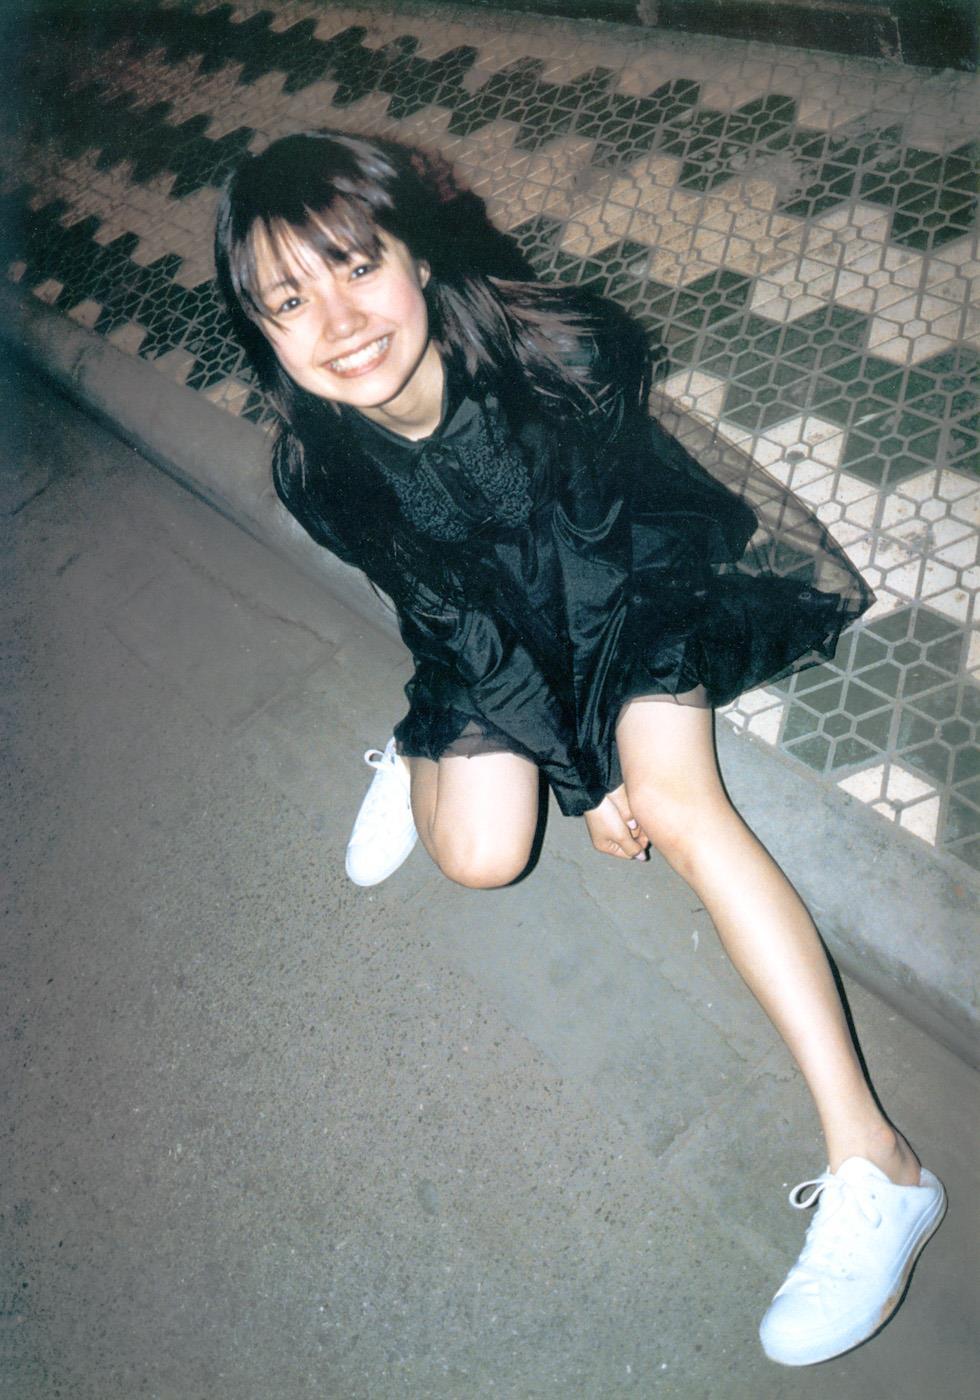 宮崎あおい エロ画像 31